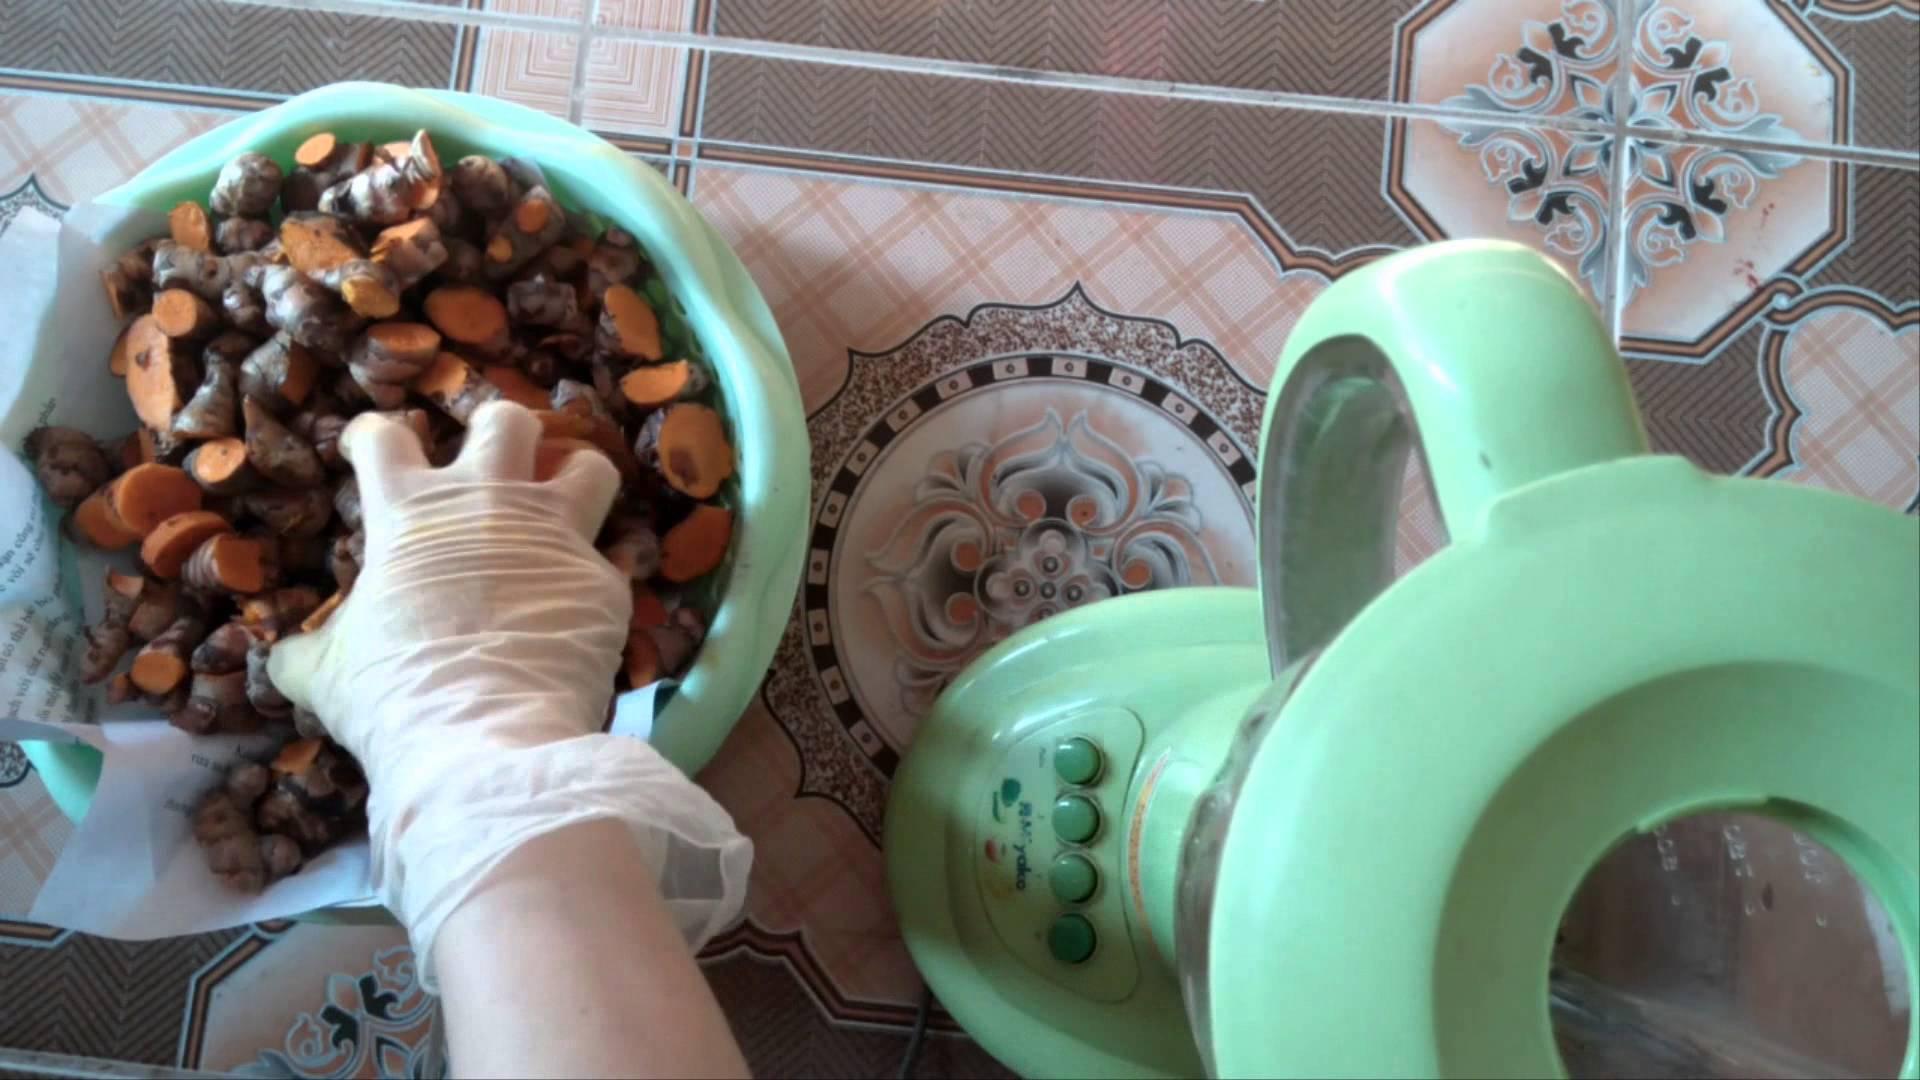 Kinh nghiệm chọn nguyên liệu trong cách làm tinh bột nghệ tại nhà.